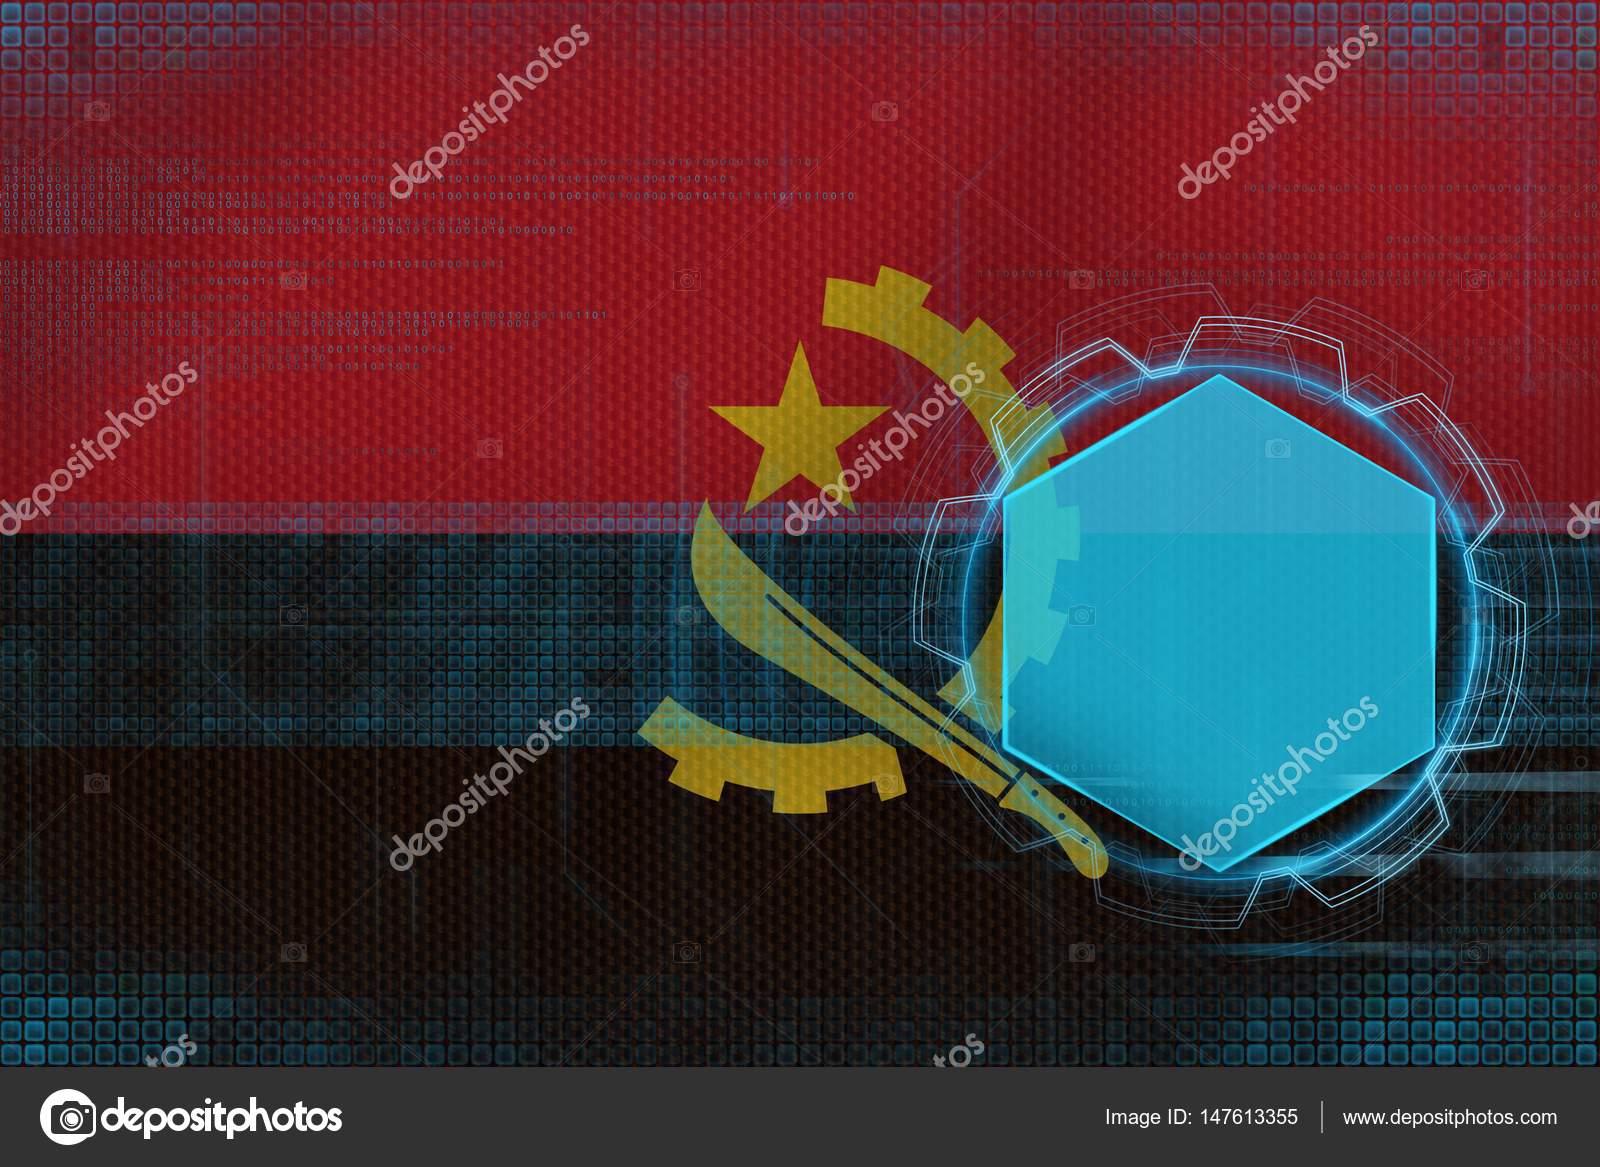 Maqueta Digital De Angola Concepto De Estructura